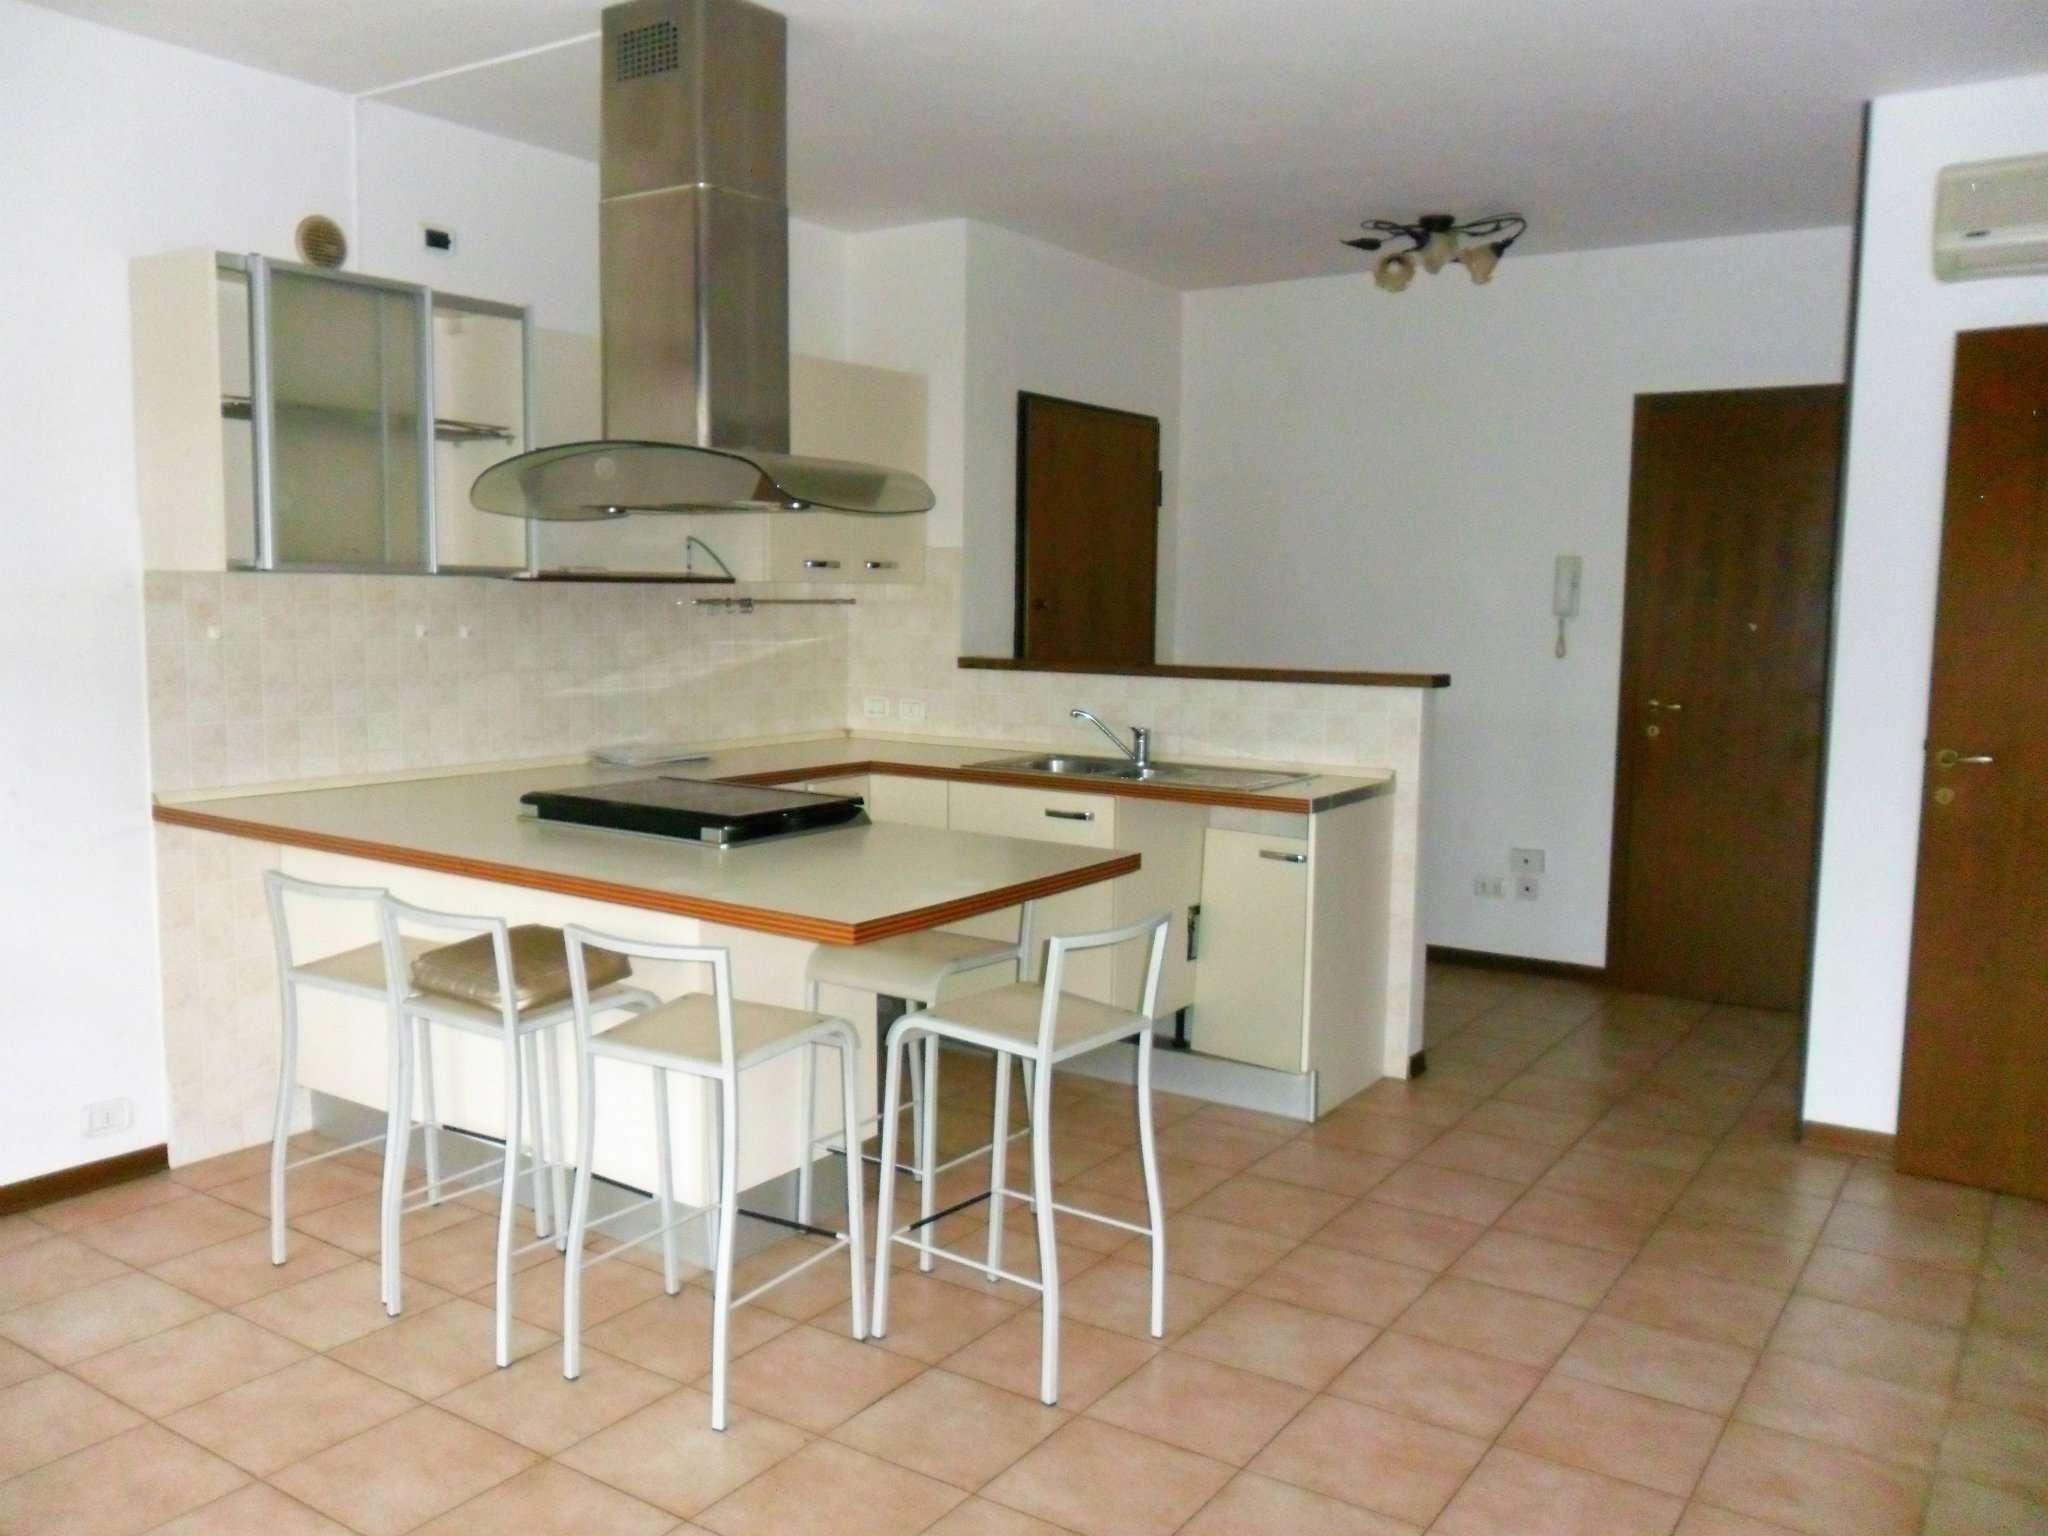 Appartamento in vendita a Fontevivo, 3 locali, prezzo € 113.000 | Cambio Casa.it